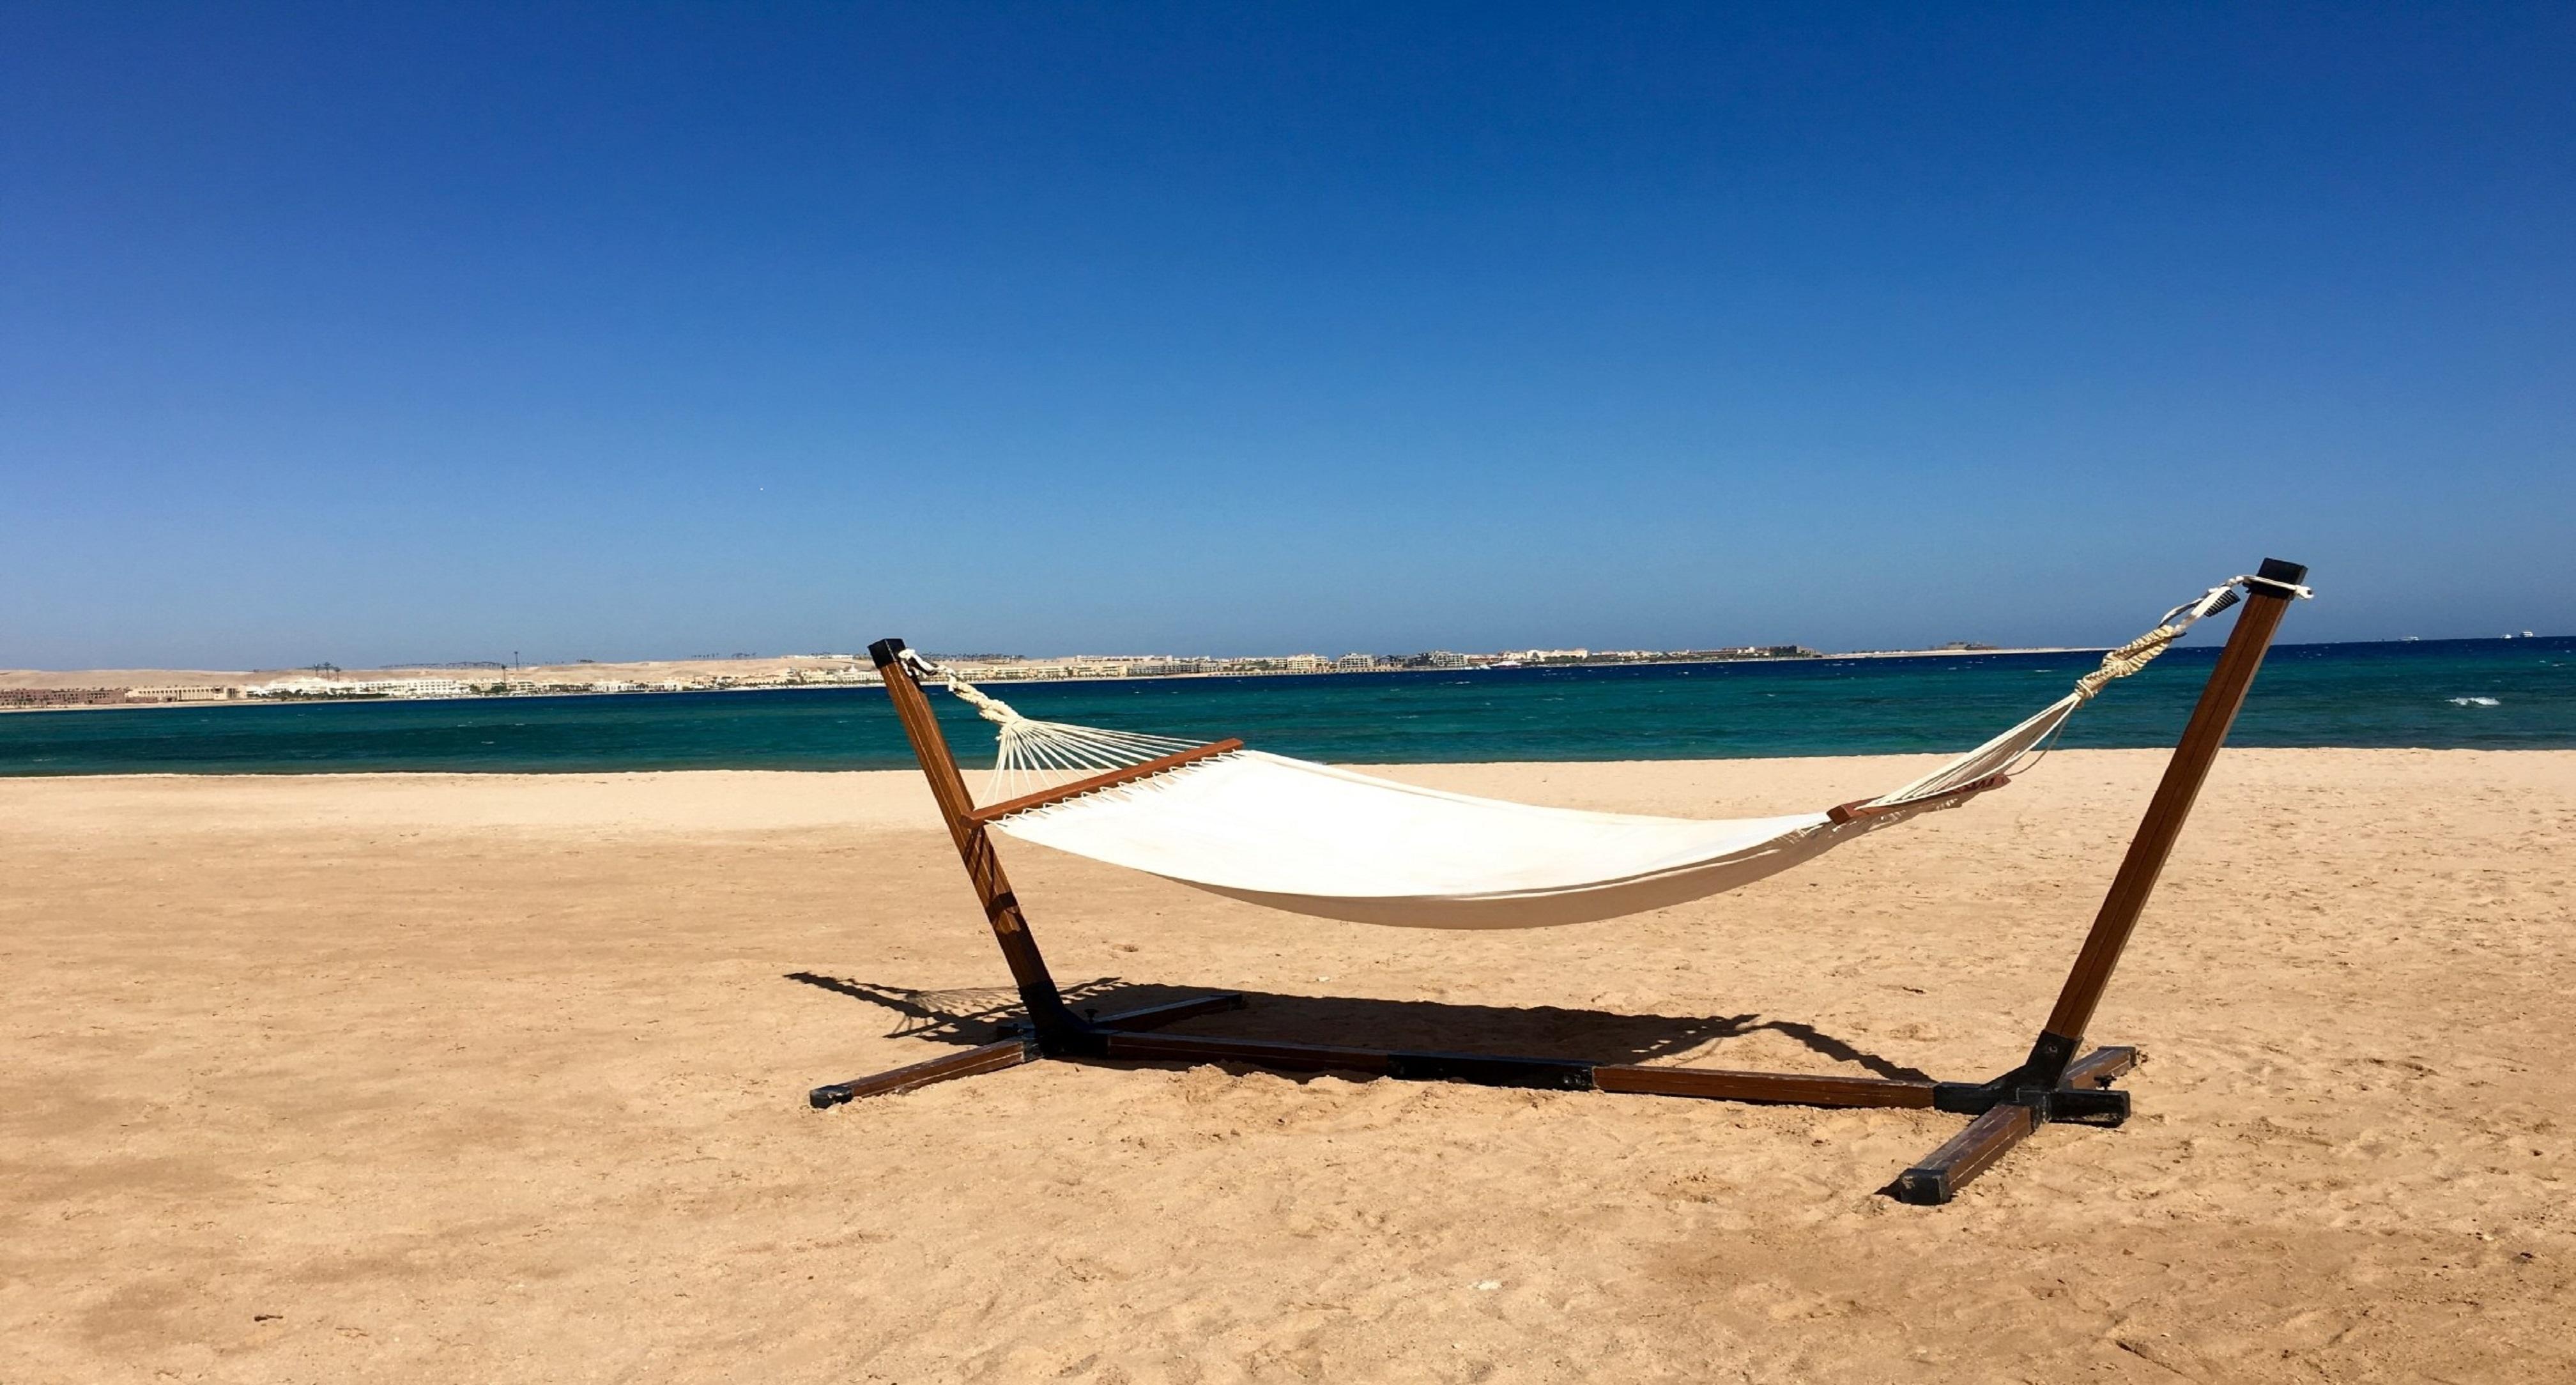 Hängematte am Strand Tunesien